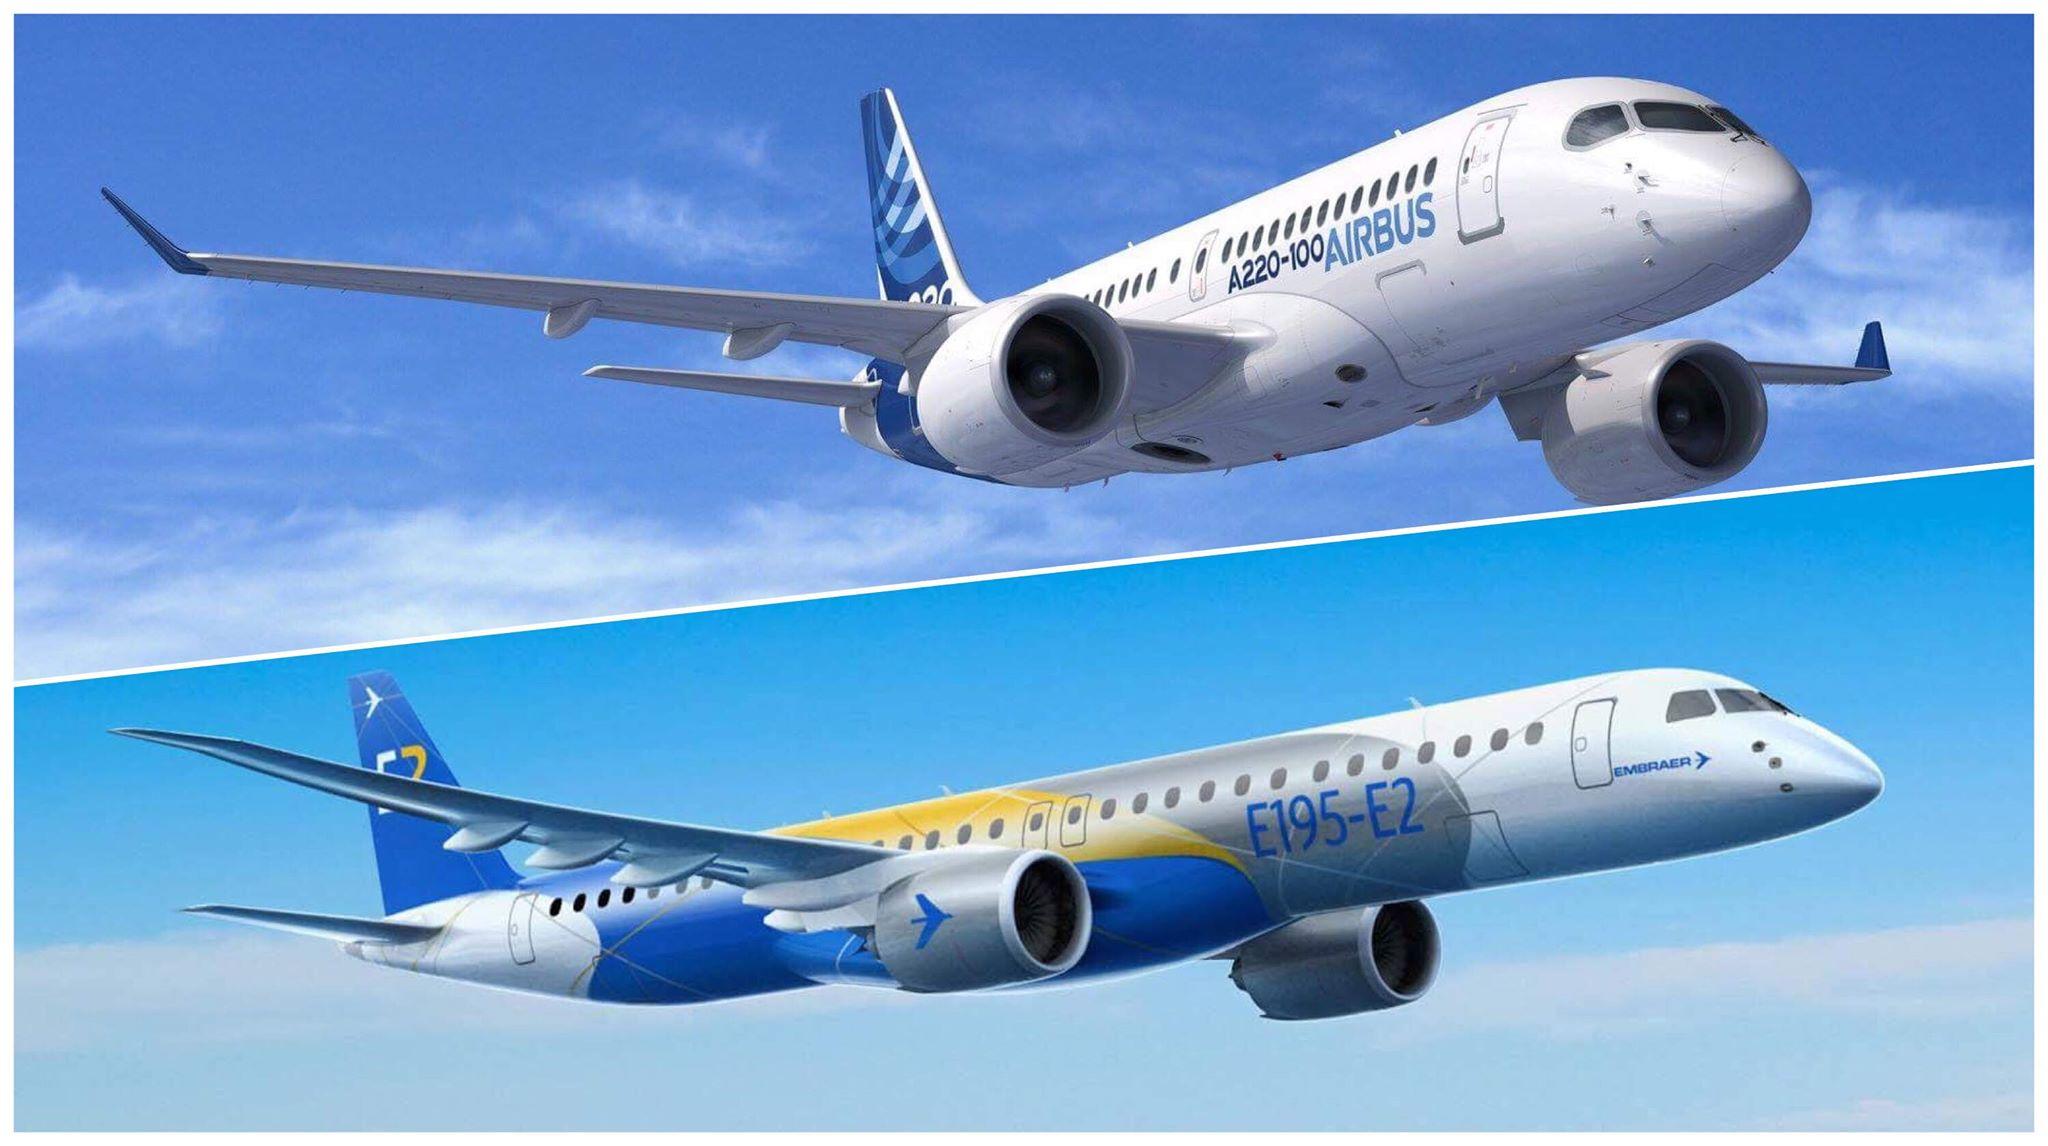 Le PDG d'Air Tahiti envisage d'acquérir, d'ici deux ou trois ans, un Airbus A220-100 ou un Embraer 195-E2 ©Airbus / Embraer